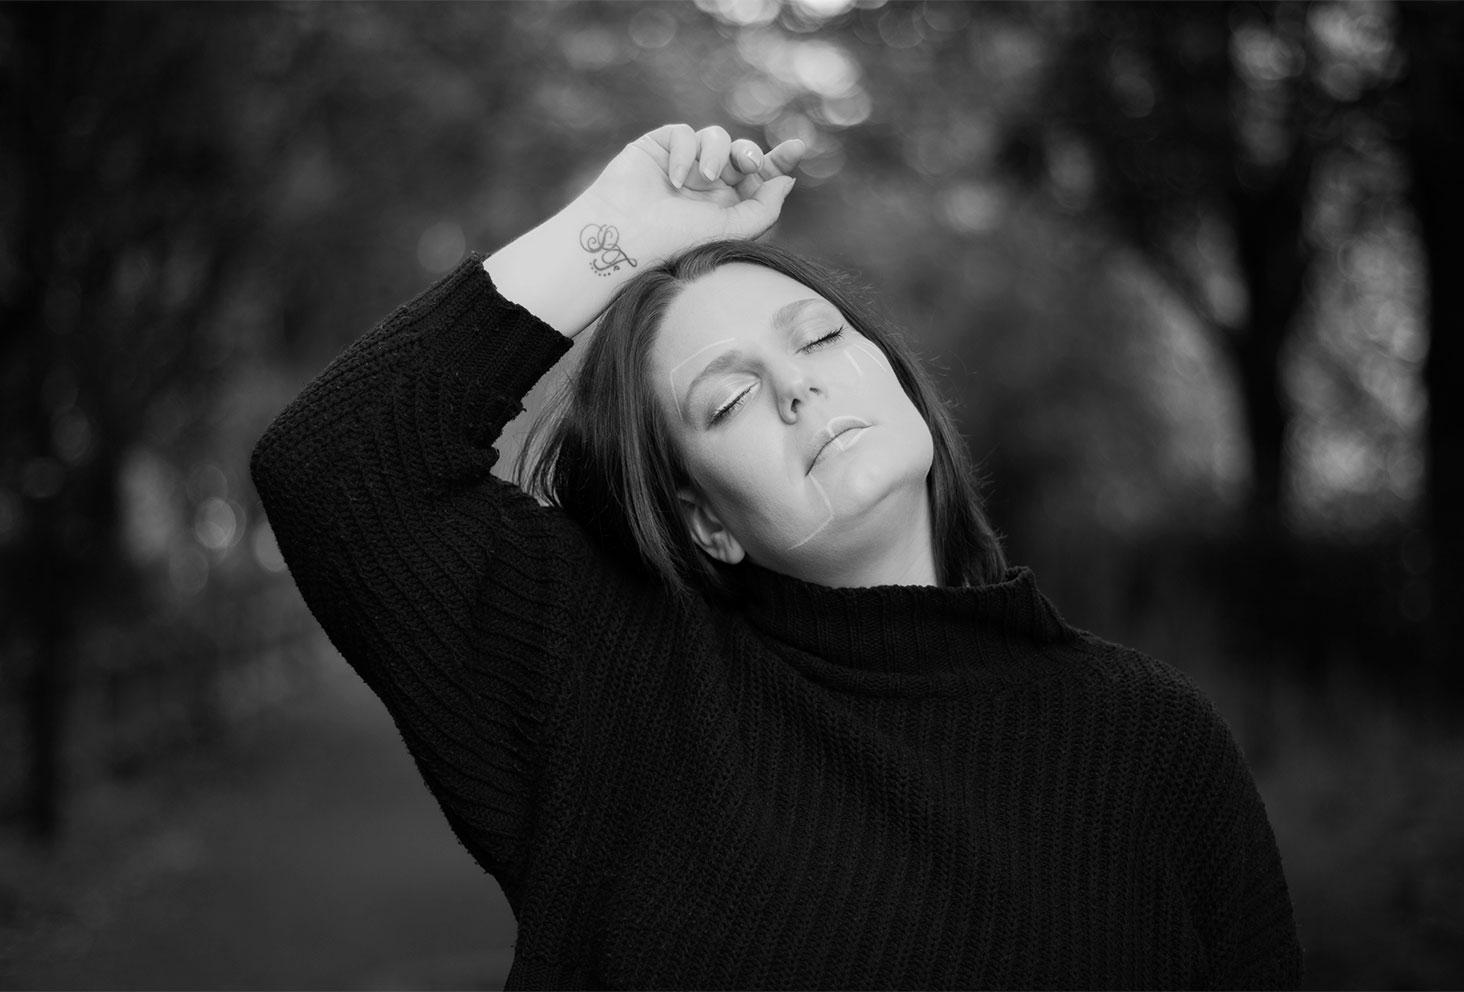 Portrait en noir et blanc au milieu d'arbres, un maquillage géométrique dessiné sur le visage, les yeux fermés la tête levée avec la main sur la tête